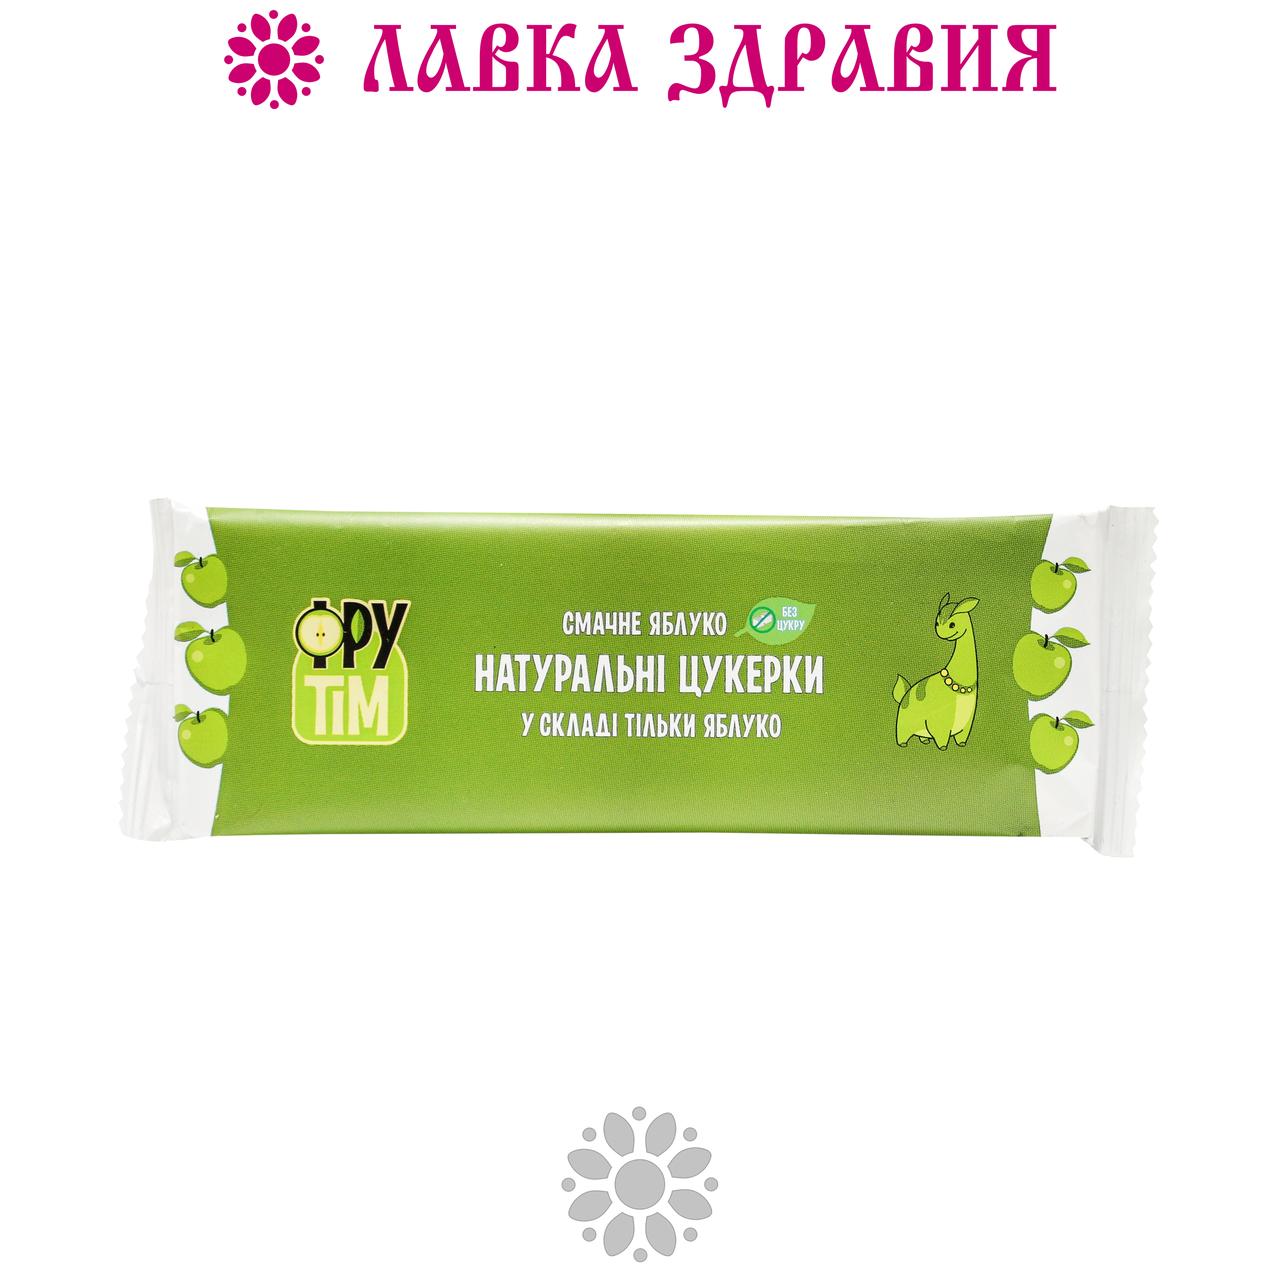 """Пастила ФРУТИМ """"Вкусное яблоко"""", 50 г"""